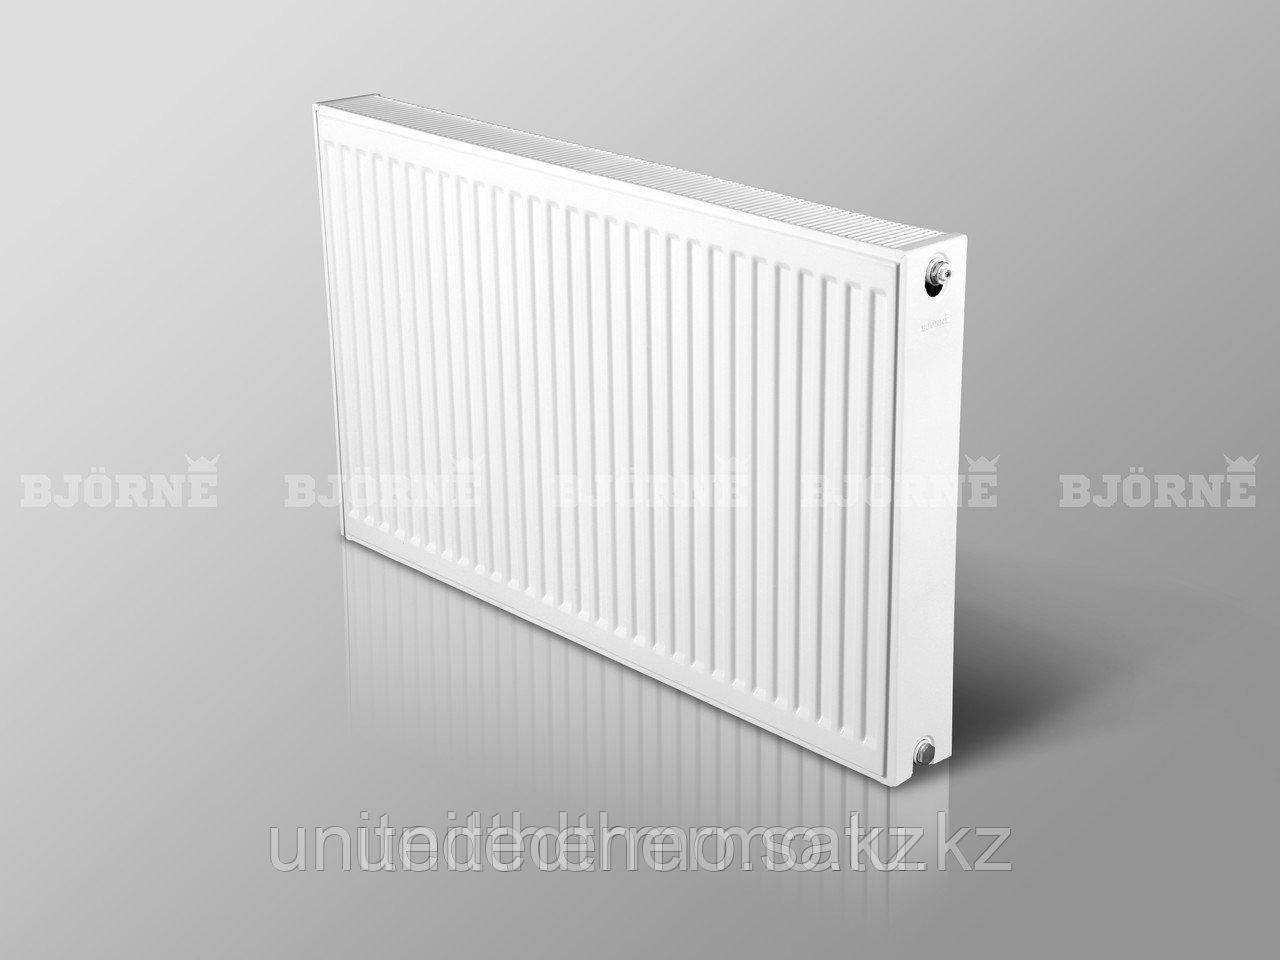 Стальной панельный радиатор Bjorne тип 21K H300мм*L400мм до L3000мм боковое подключение